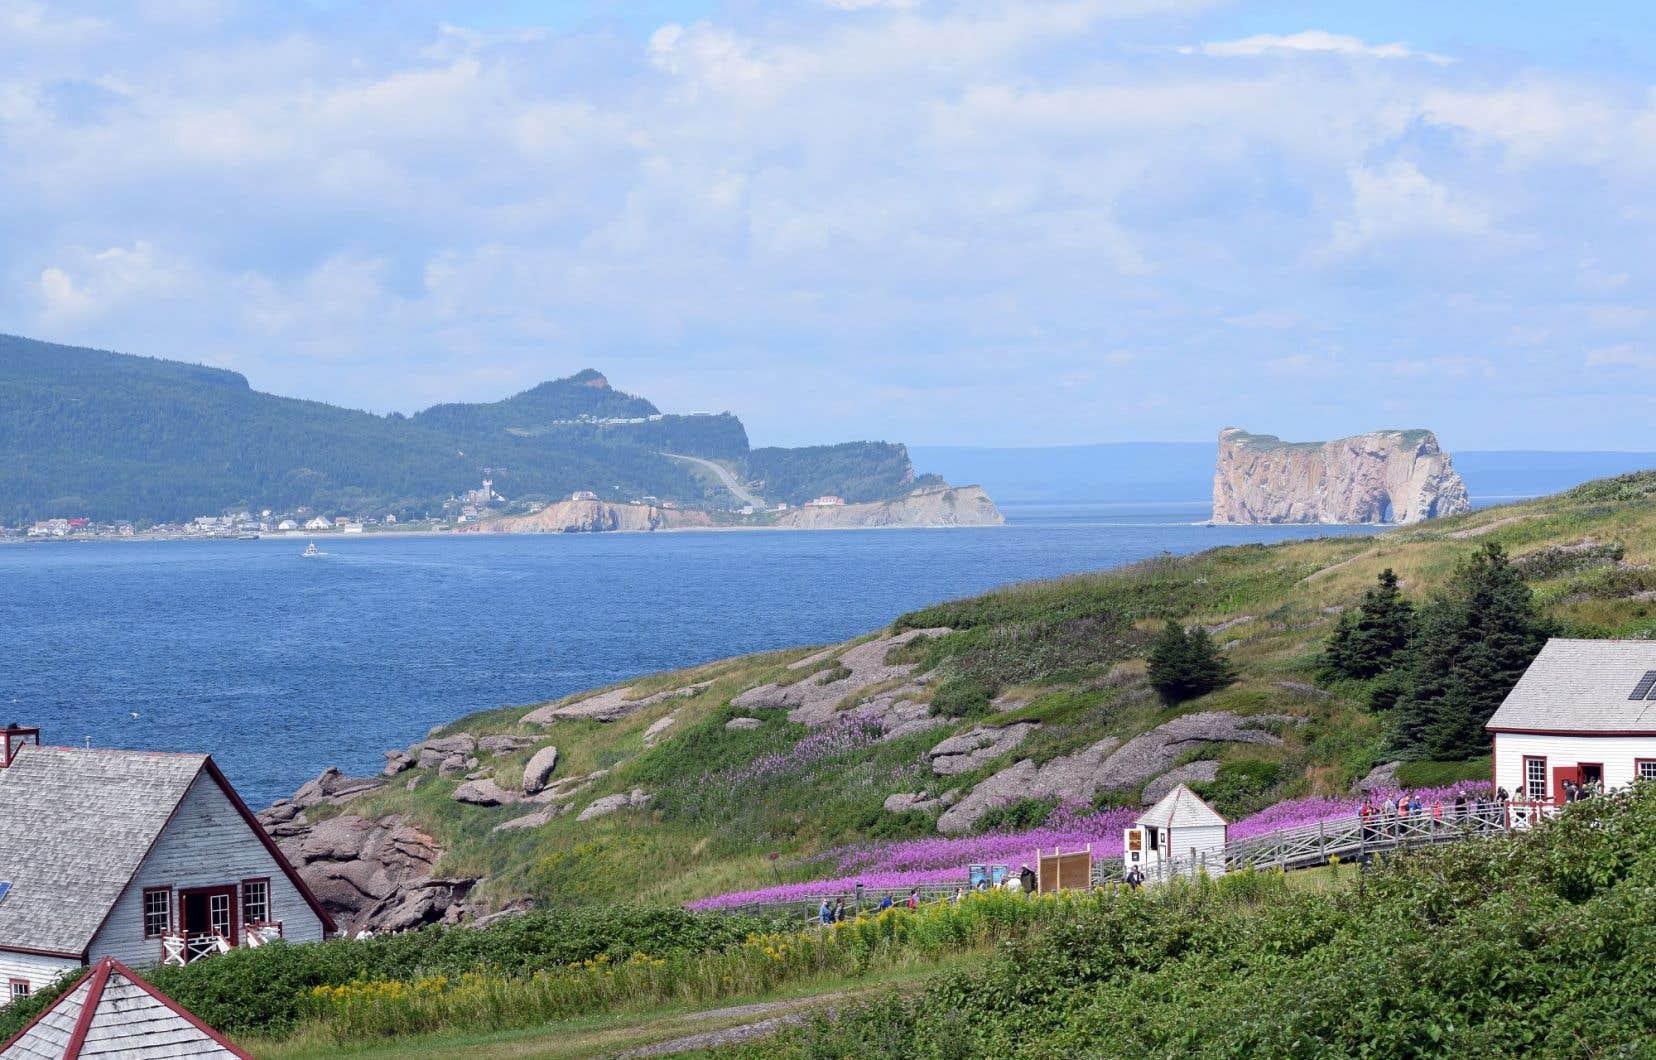 Le budget provincial prévoit des investissements de plus de 50 millions de dollars dans les parcs nationaux de la province, comme celui de l'île Bonaventure, au large de Percé.